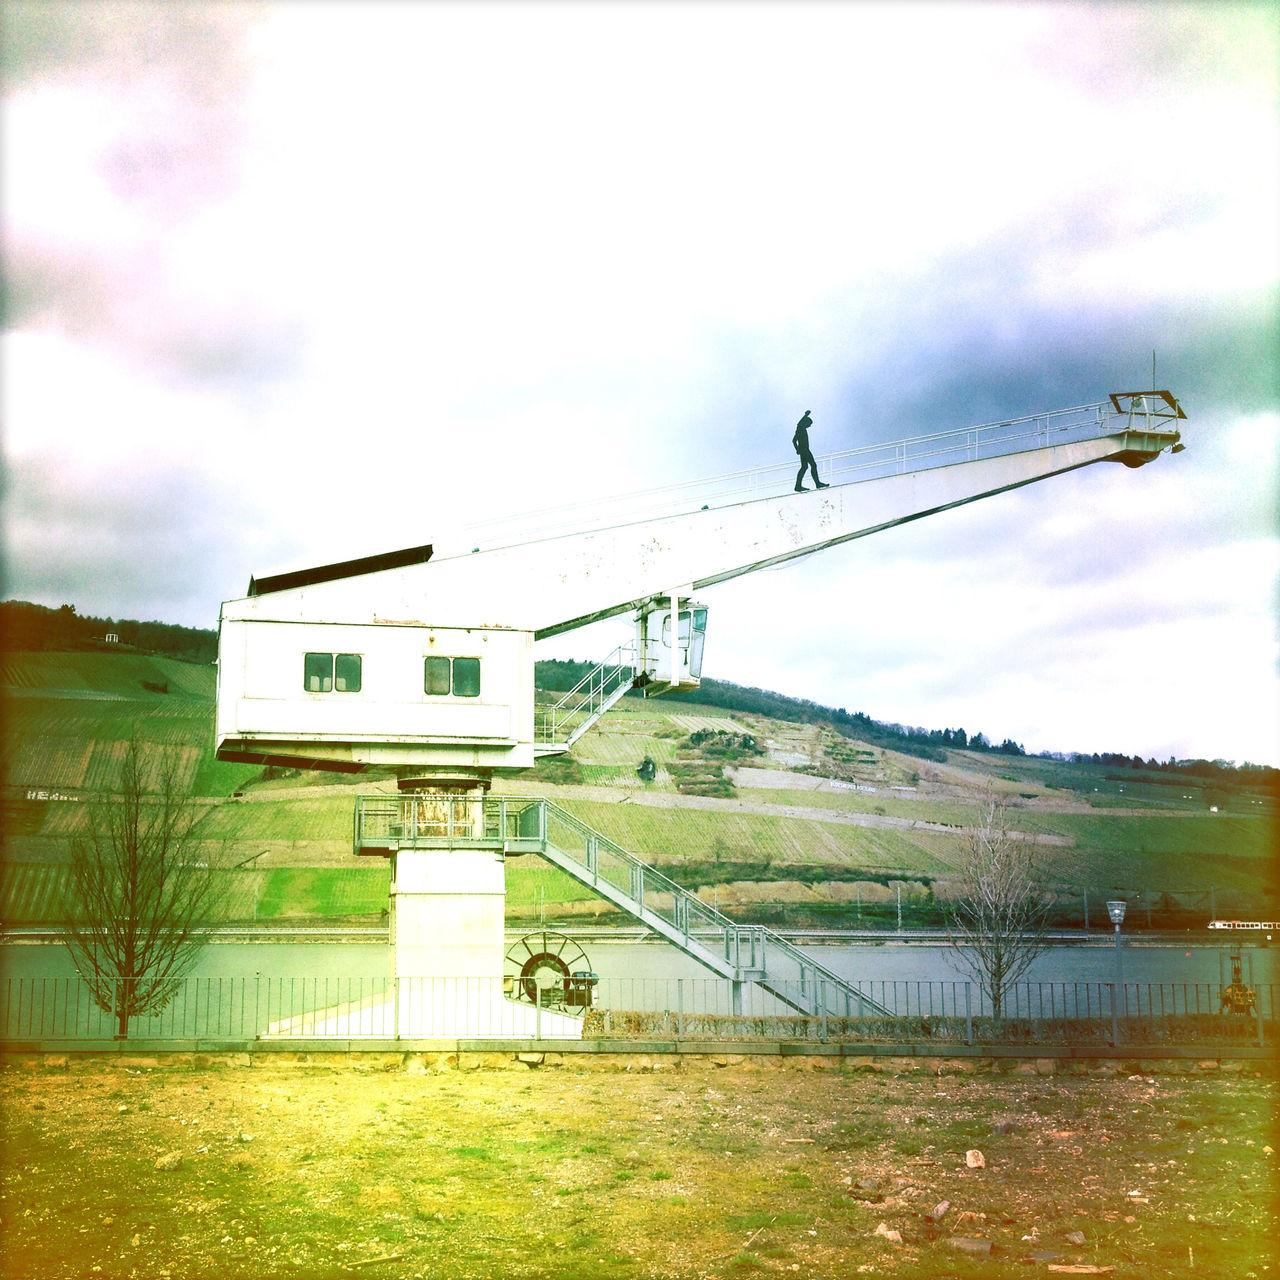 Kunstwerk, Mannfigur auf dem Arm stationären Lastkrans an einem Flusshafen. Im Hintergrund Weinberge jenseits des Flusses. Fehlfarben gelb bis blaugrau.